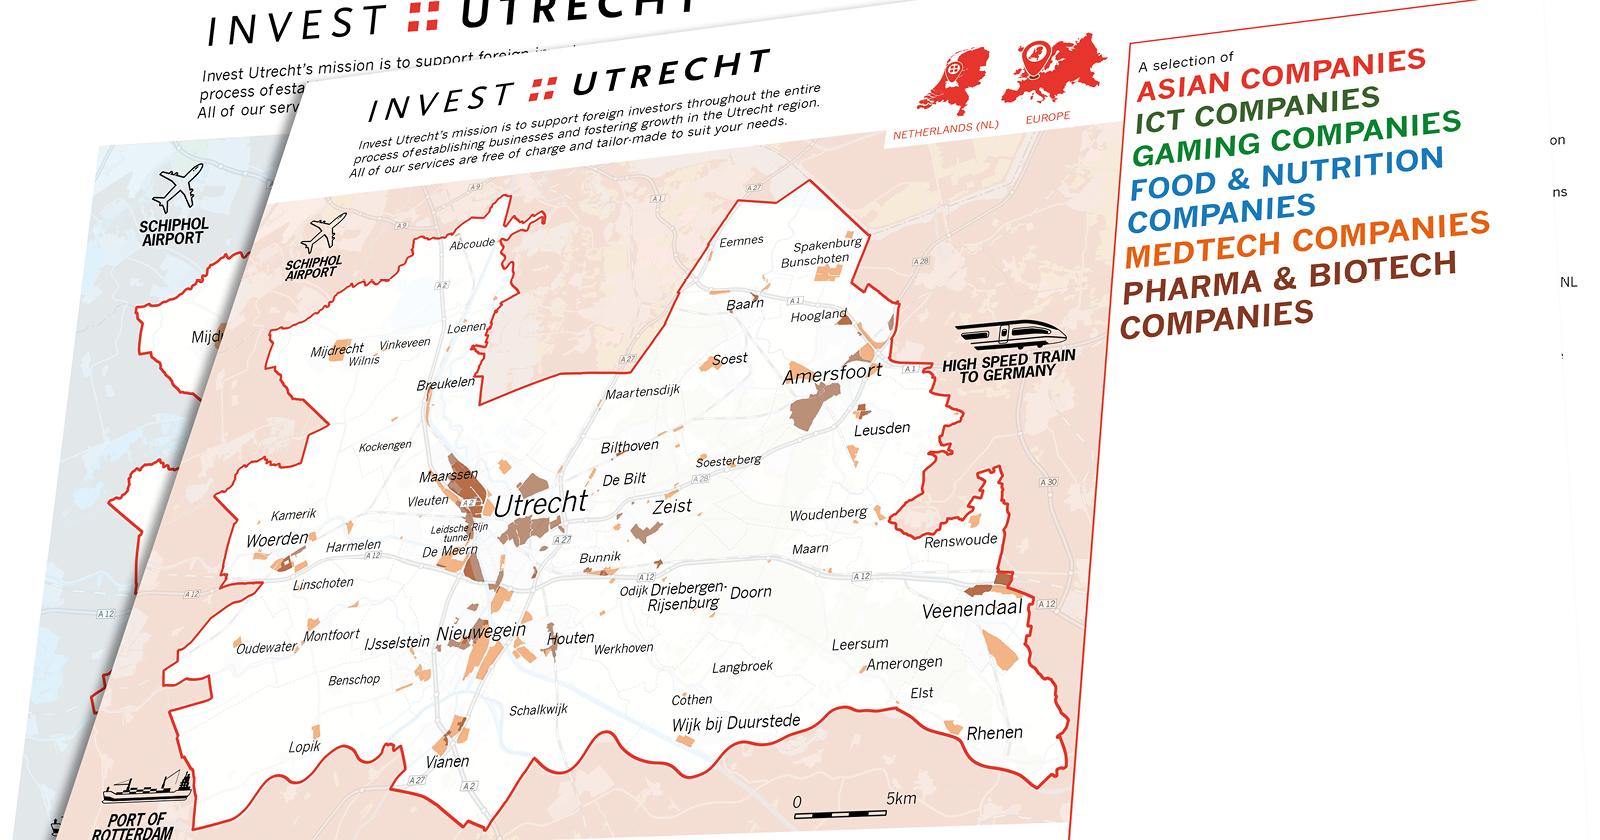 info-cartografics18-InvestUtrecht